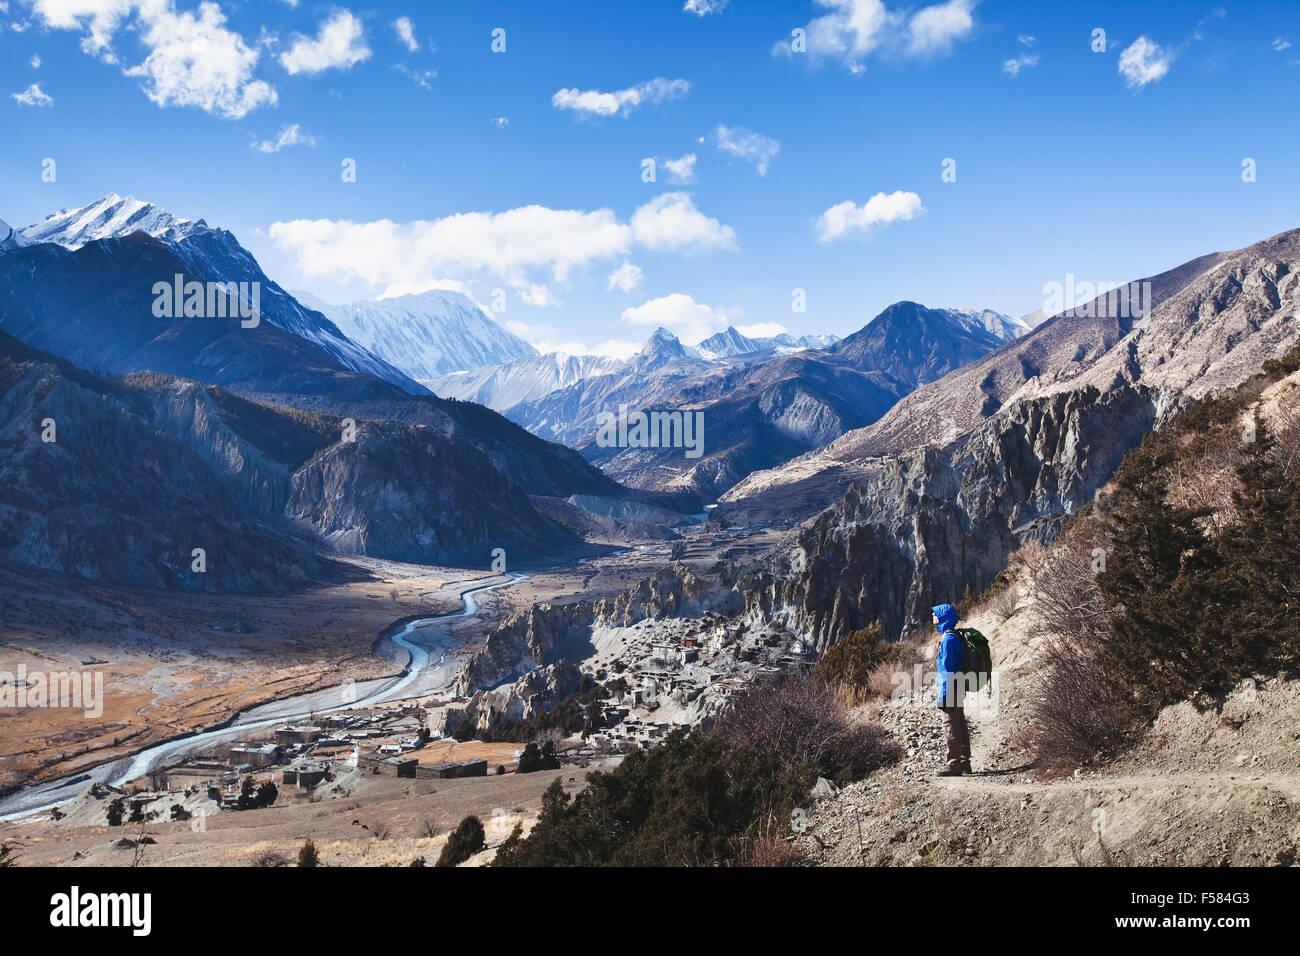 trekking in Nepal, Annapurna circuit view - Stock Image